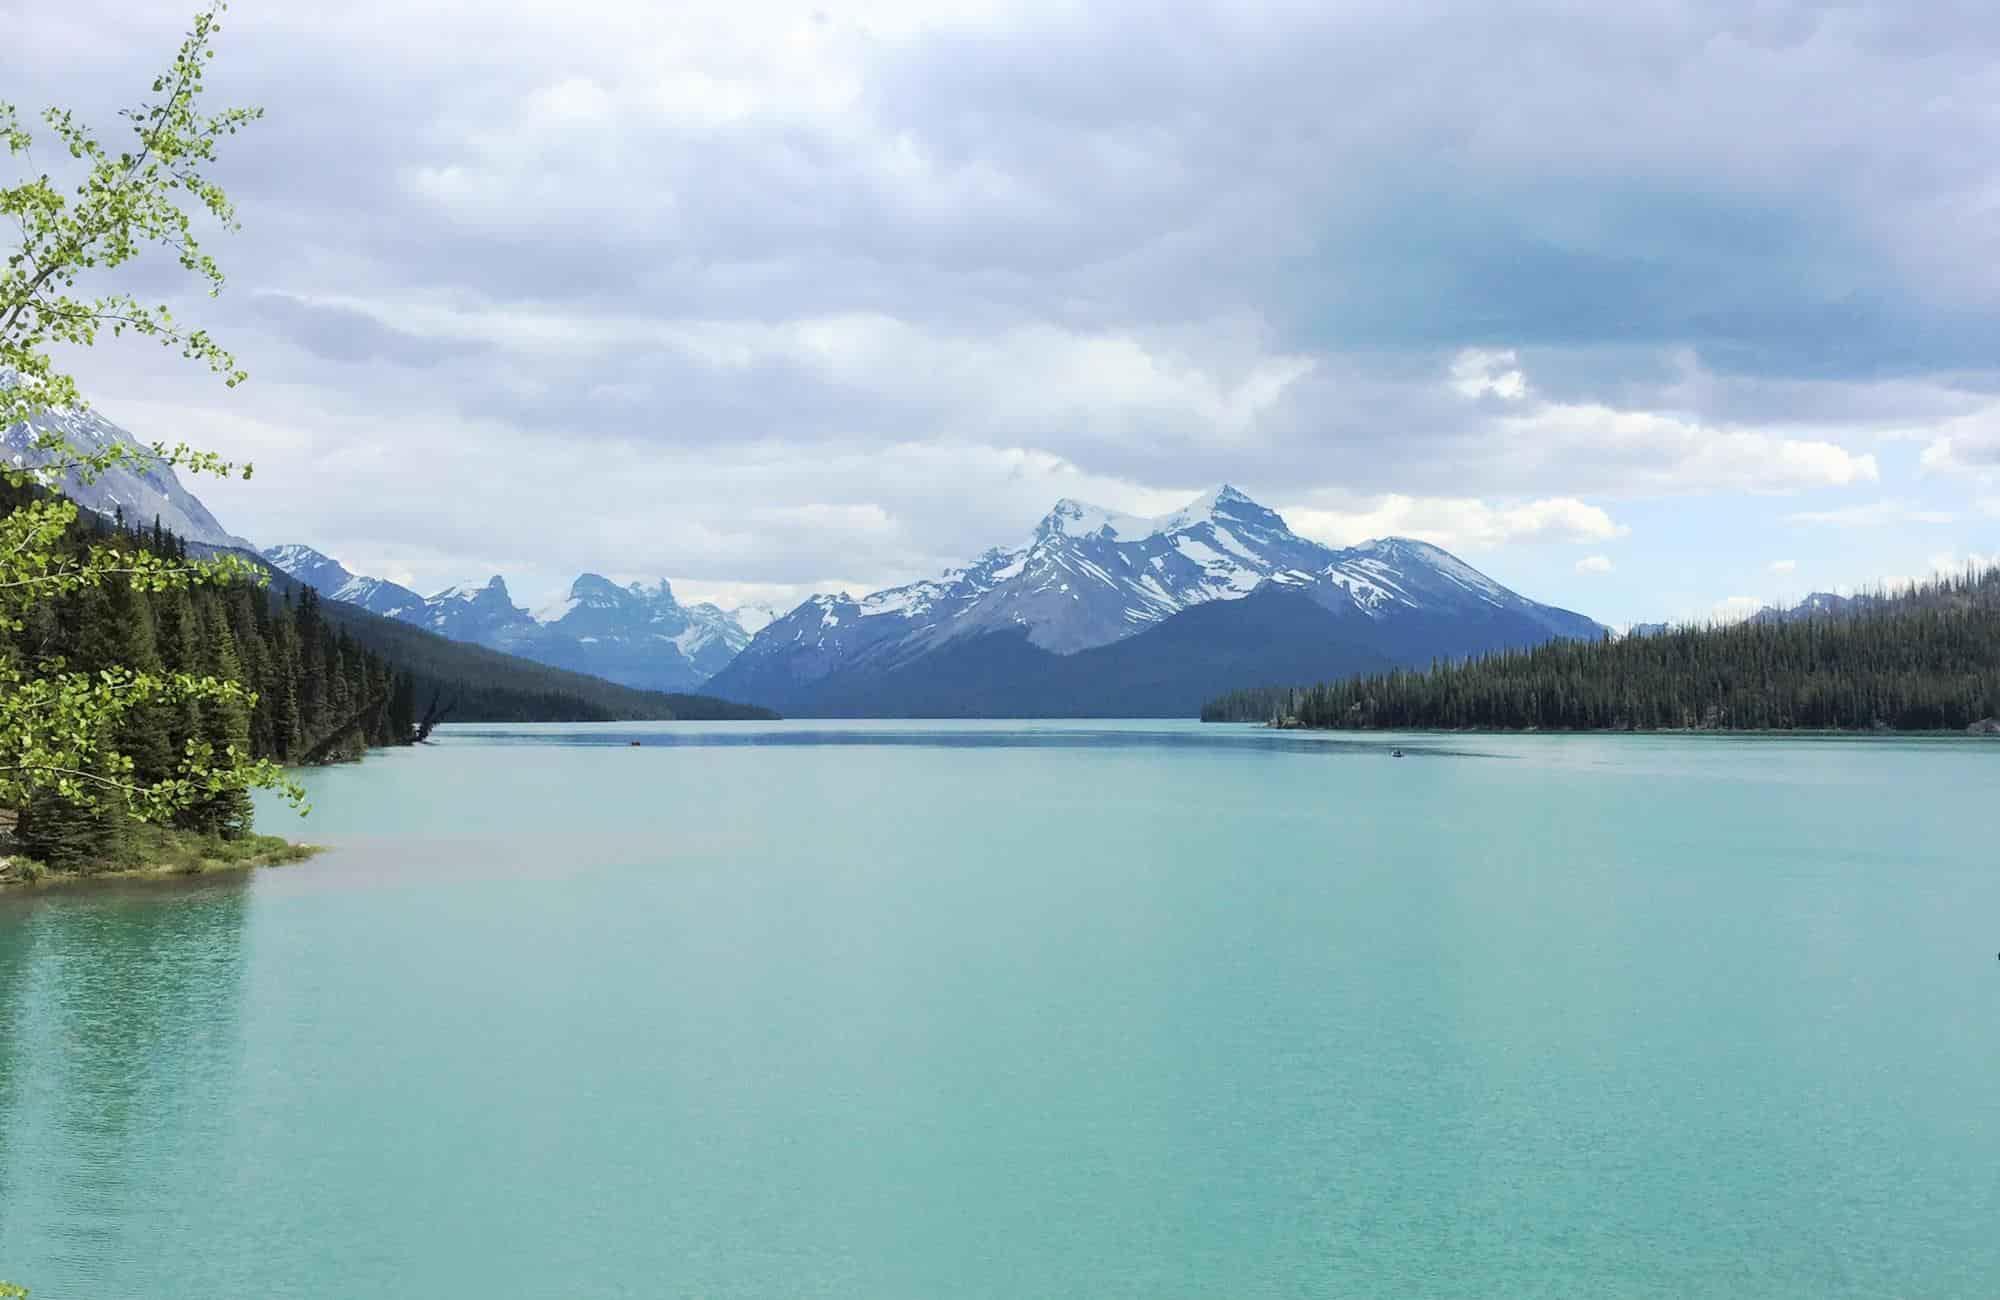 Voyage au Canada - Lac maligne - Amplitudes